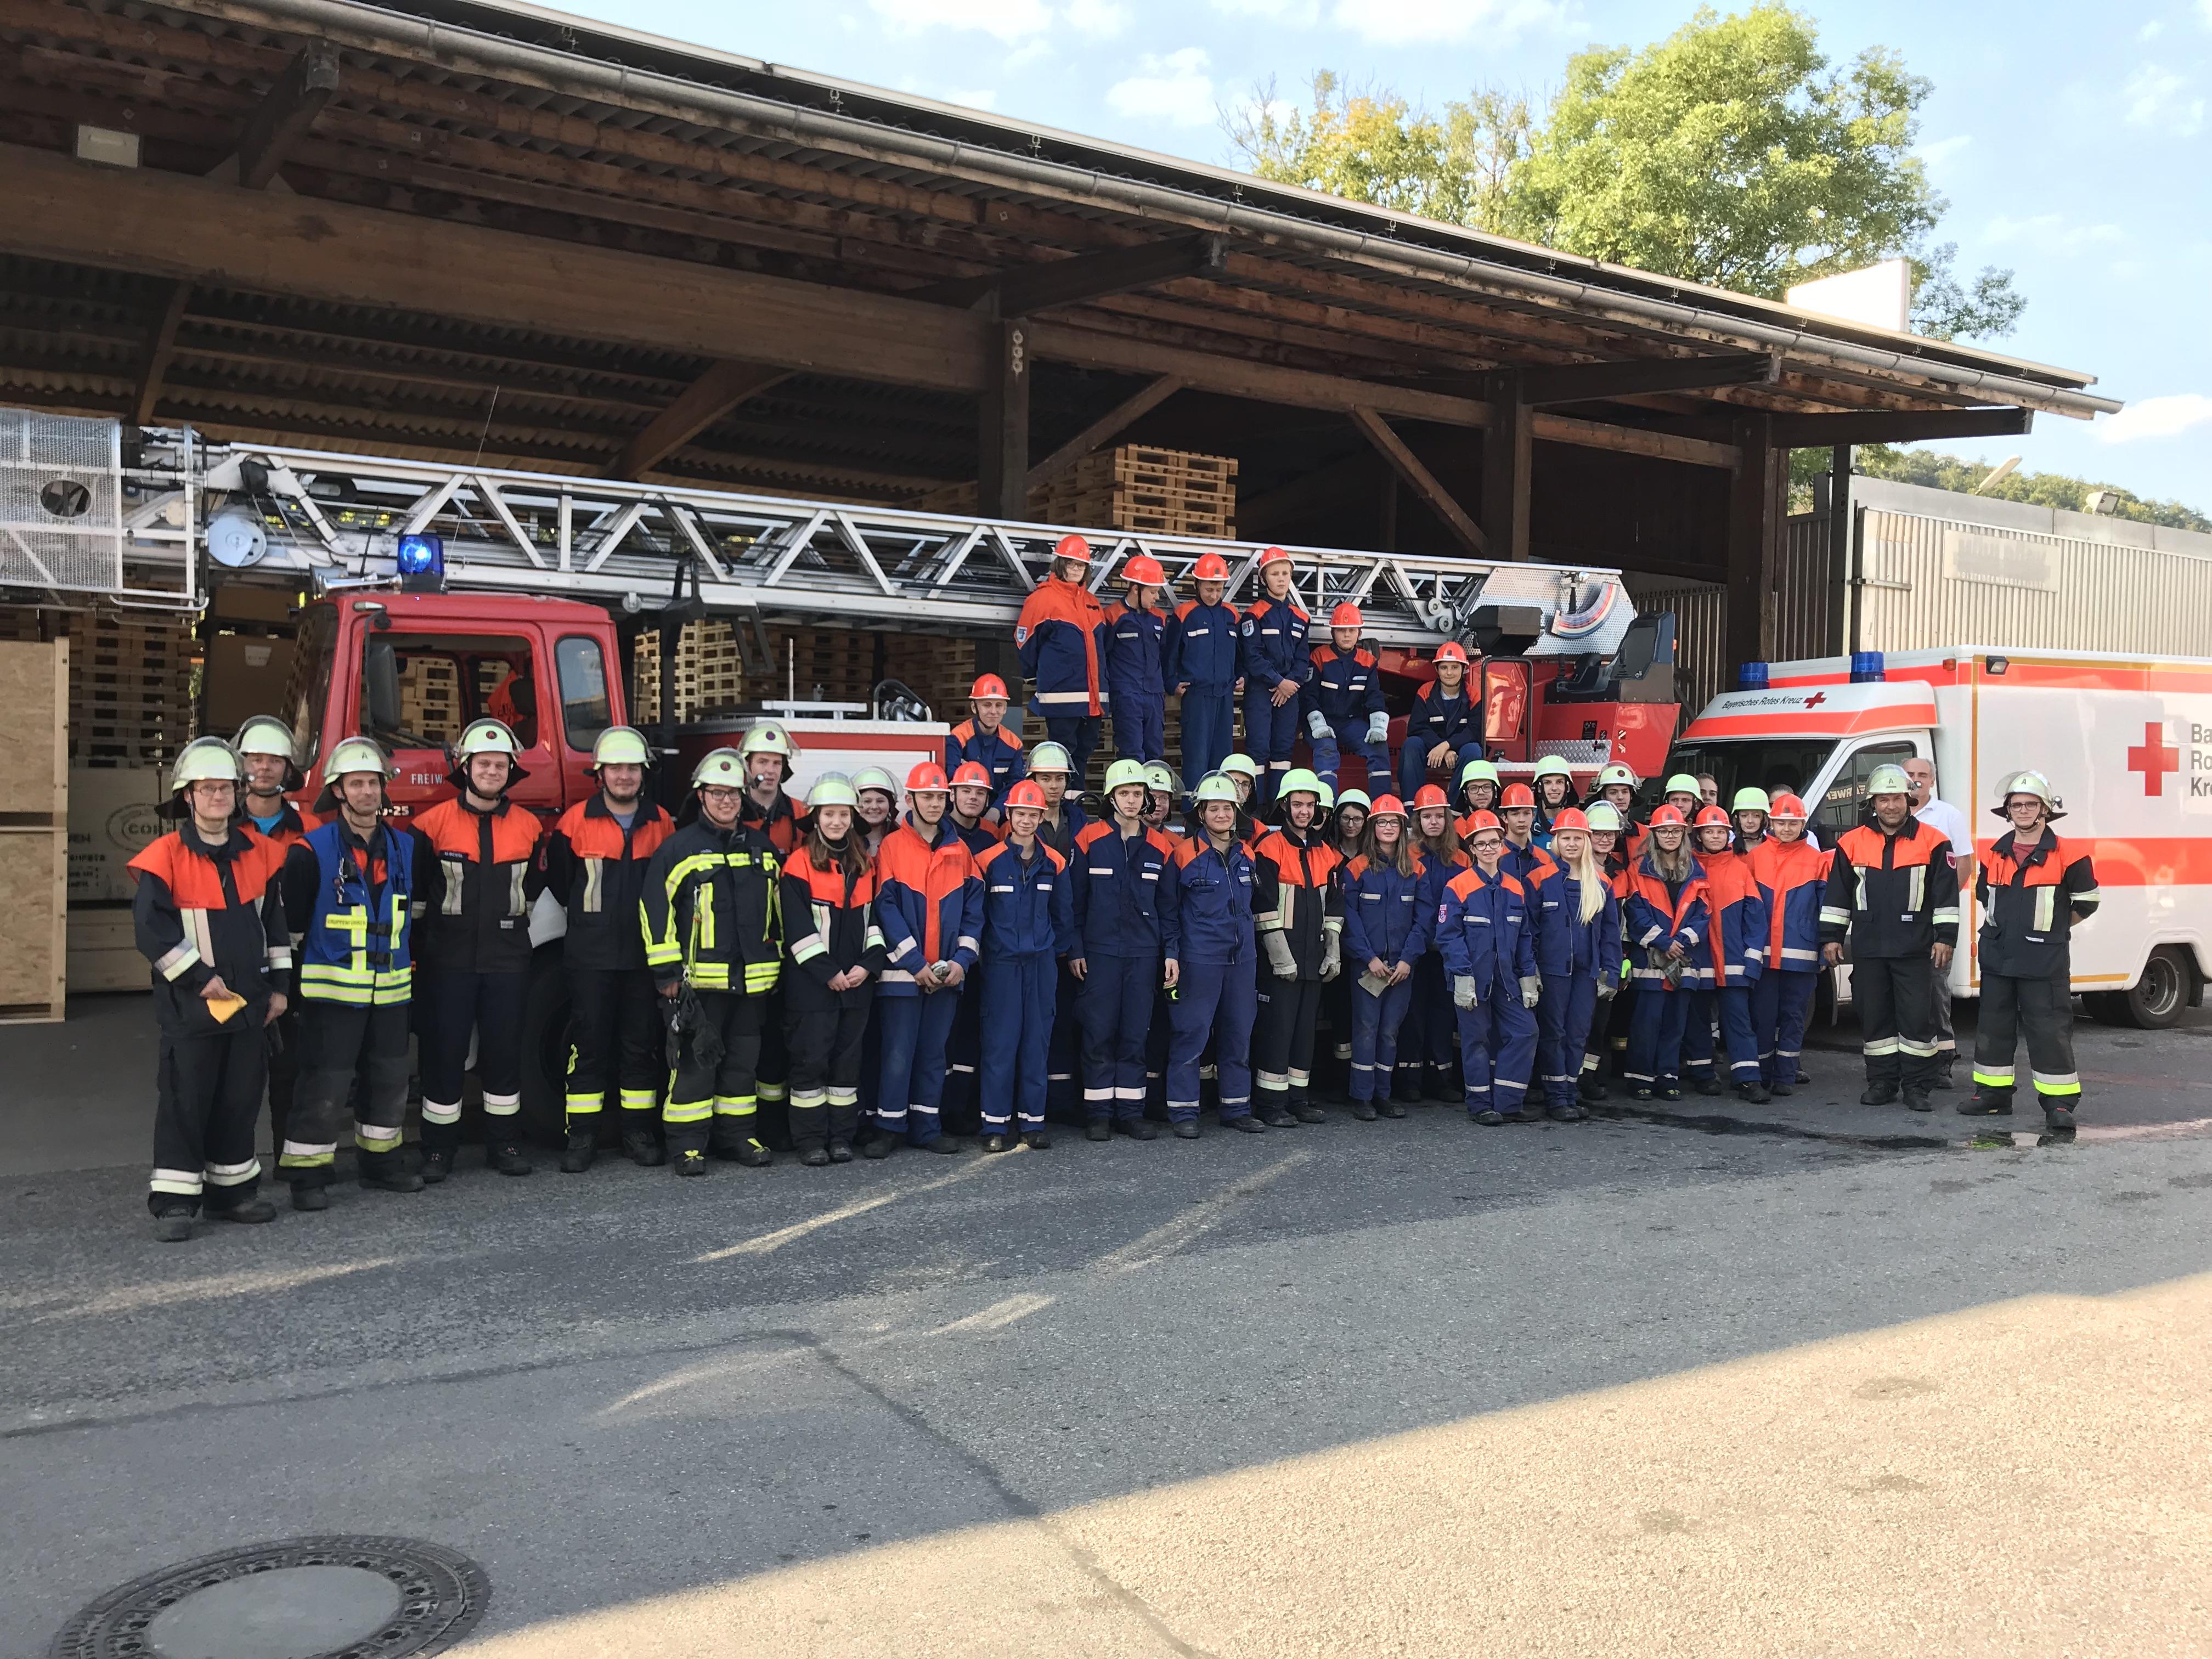 Feuerwehren üben Zwischen Kisten Und Paletten